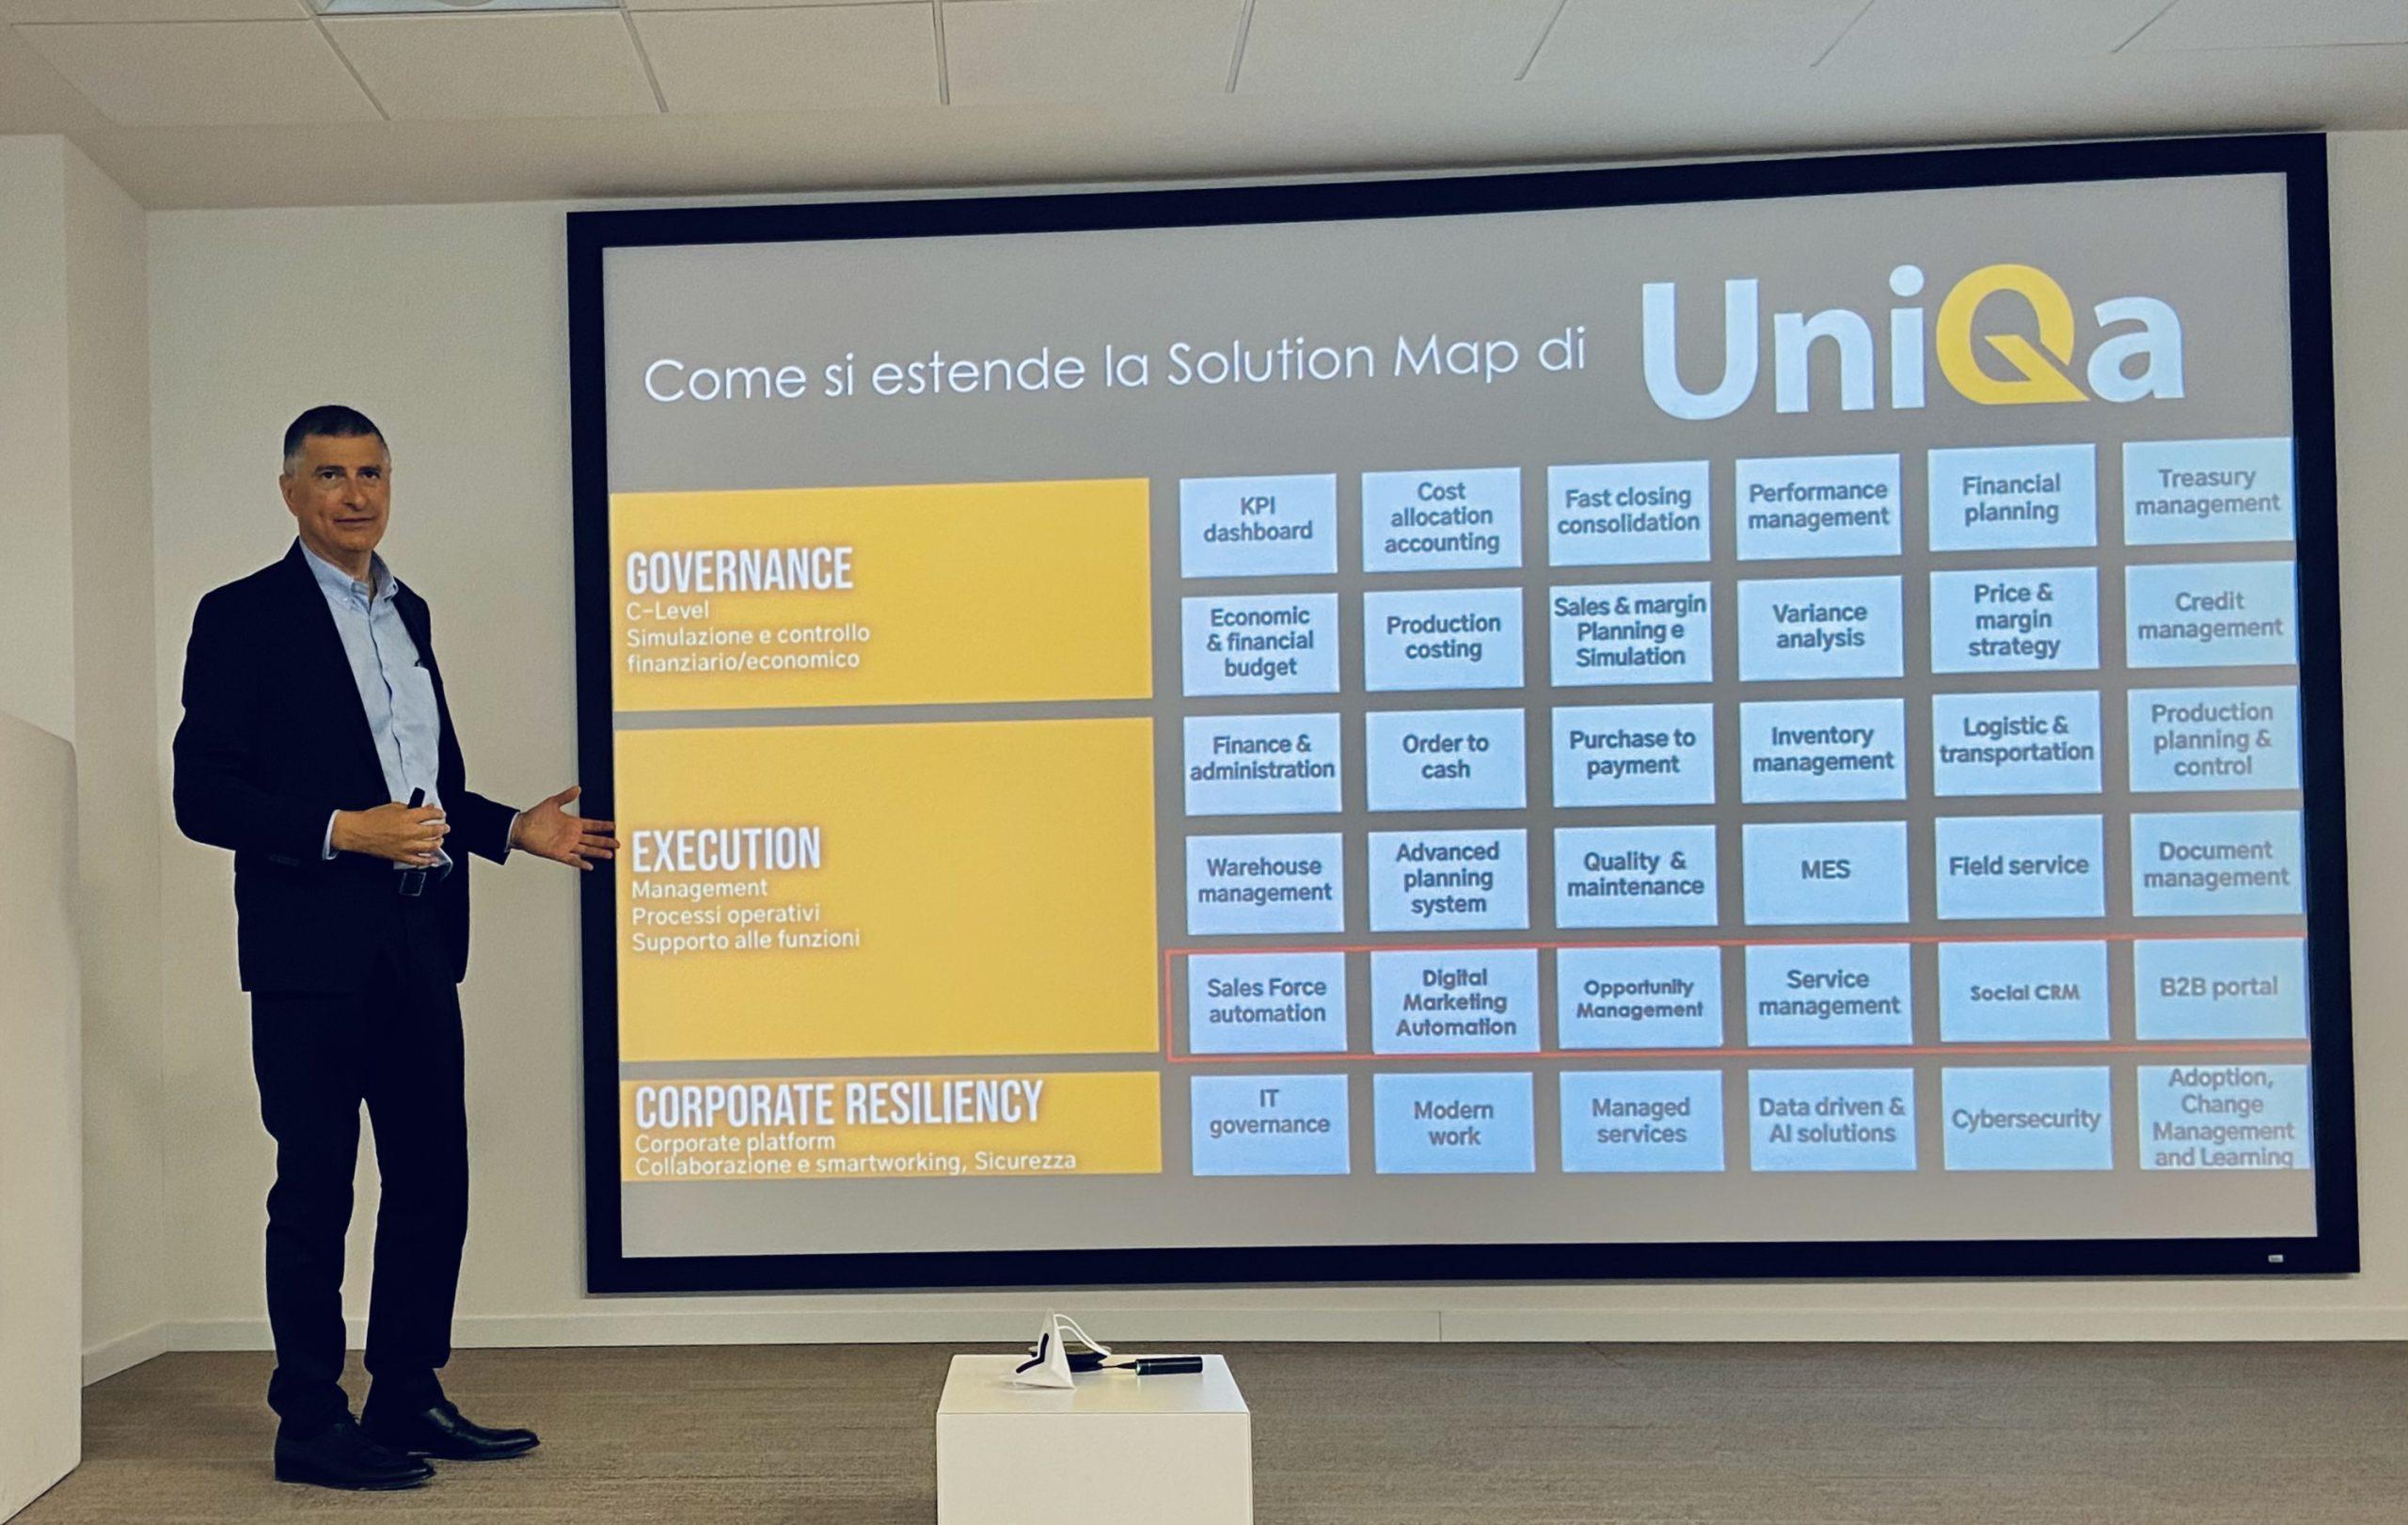 UniQa - Gruppo Impresoft